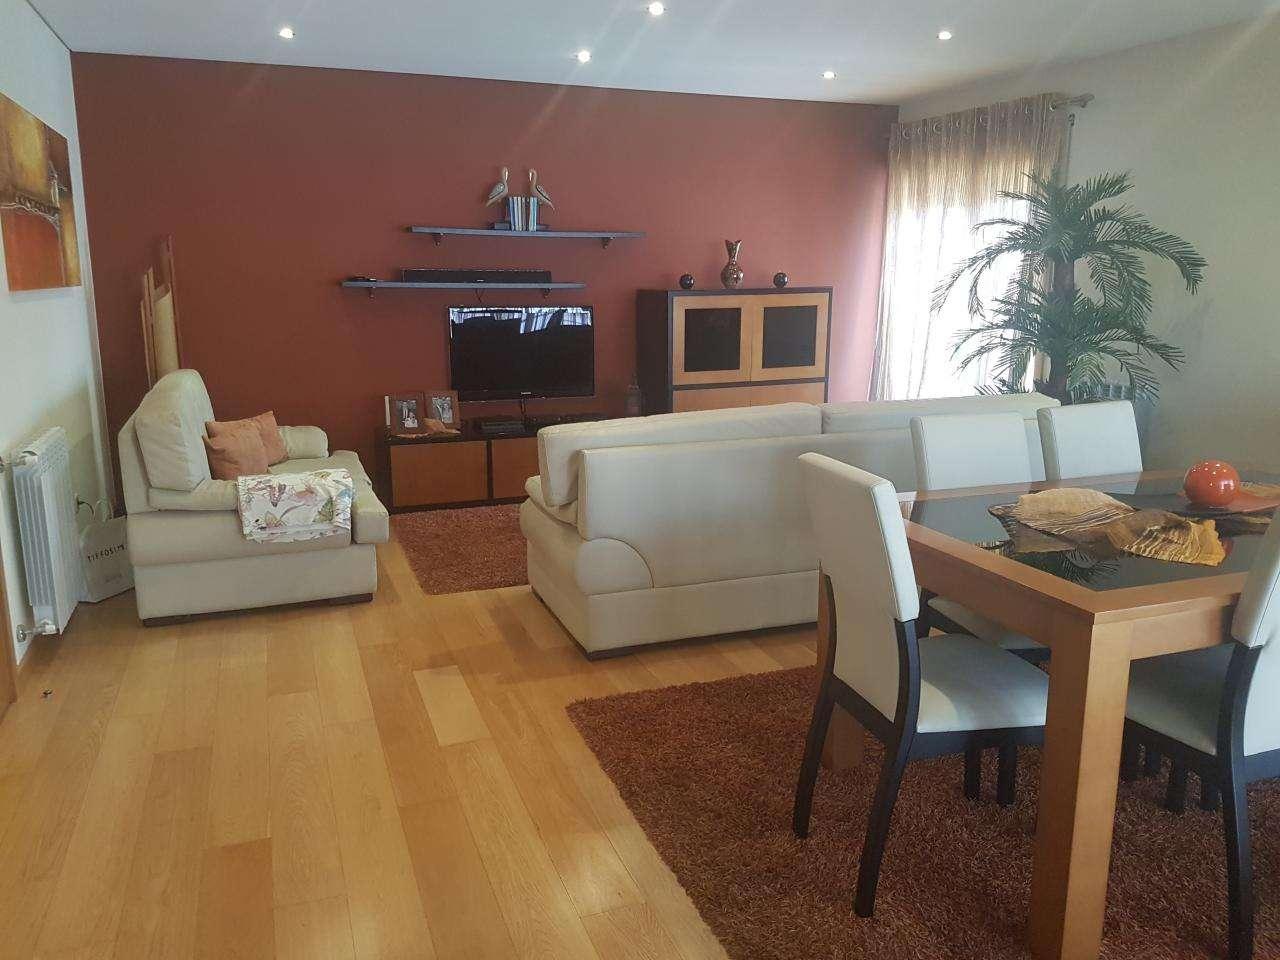 Apartamento para comprar, São Felix da Marinha, Vila Nova de Gaia, Porto - Foto 1